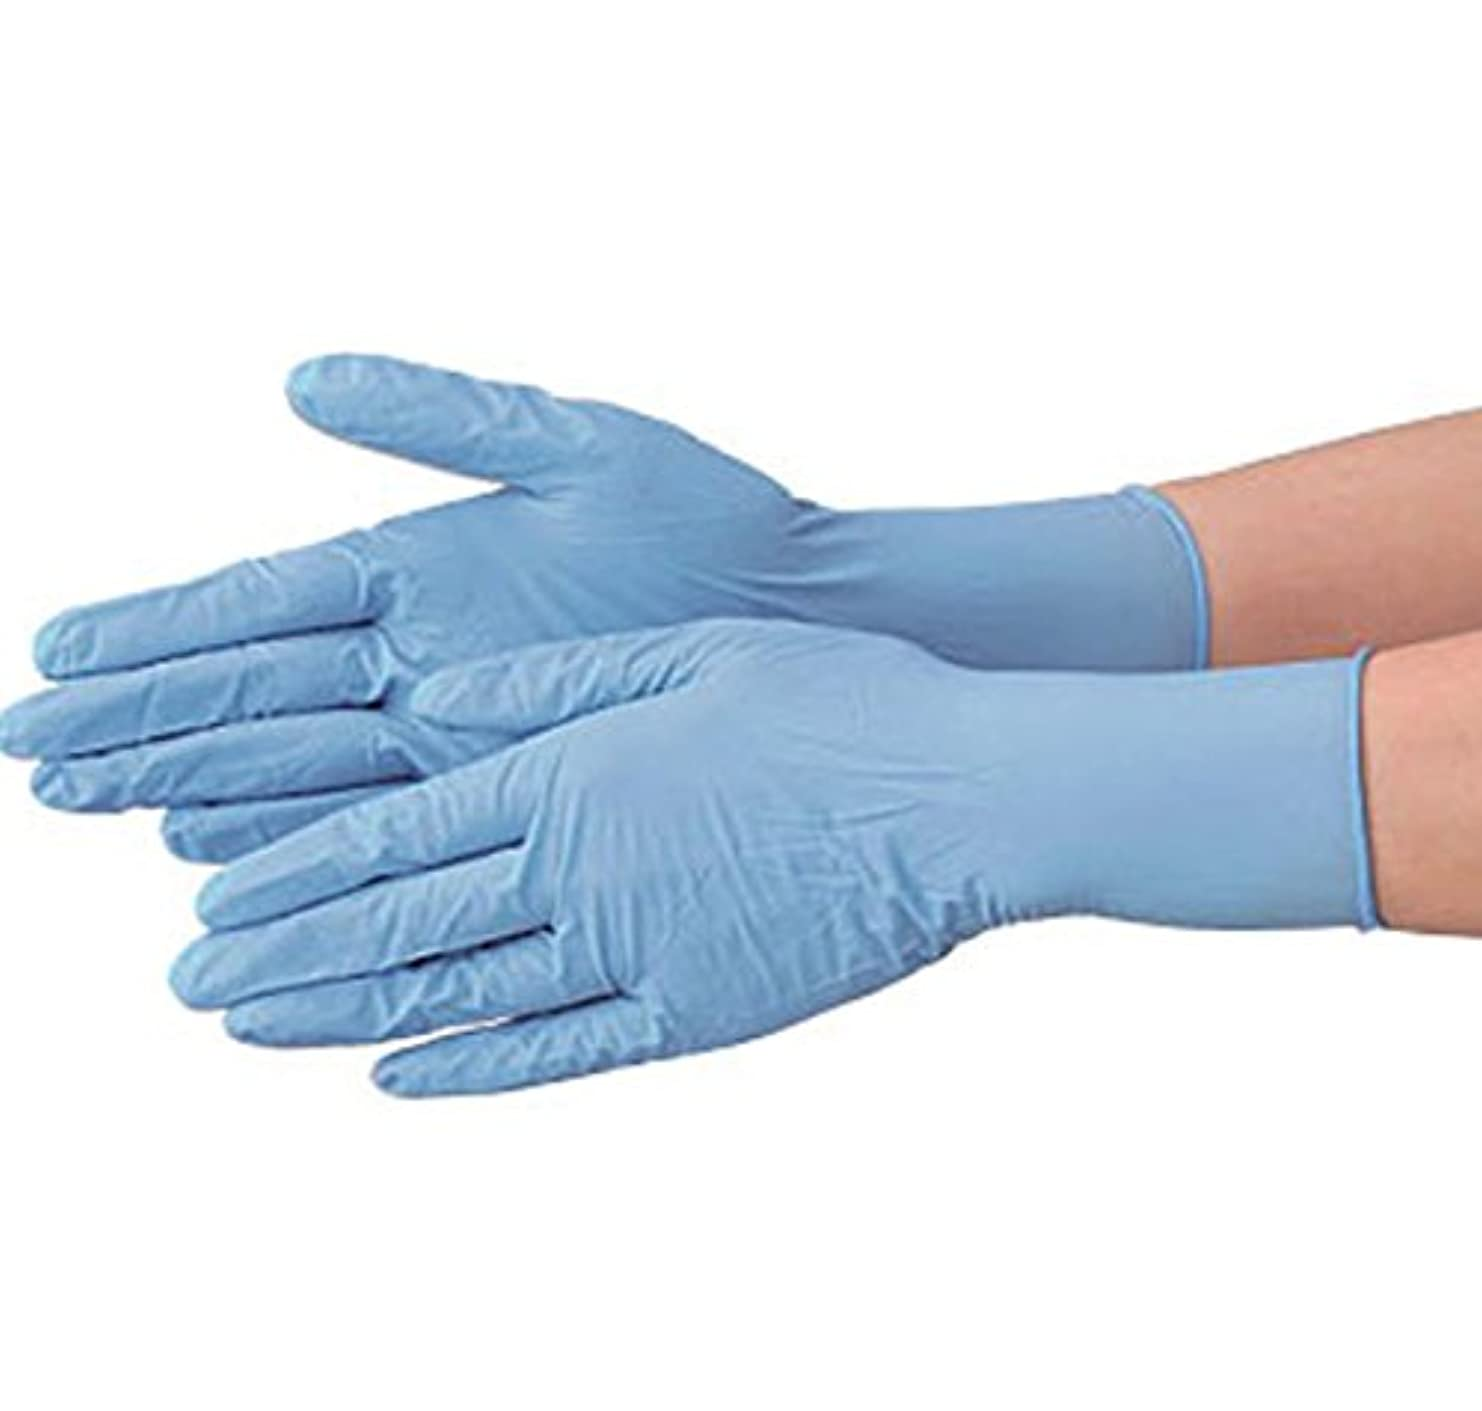 カール落ち込んでいるモチーフ使い捨て 手袋 エブノ 526 ディスポニトリル パウダーフリー ホワイト Mサイズ 2ケース(100枚×40箱)